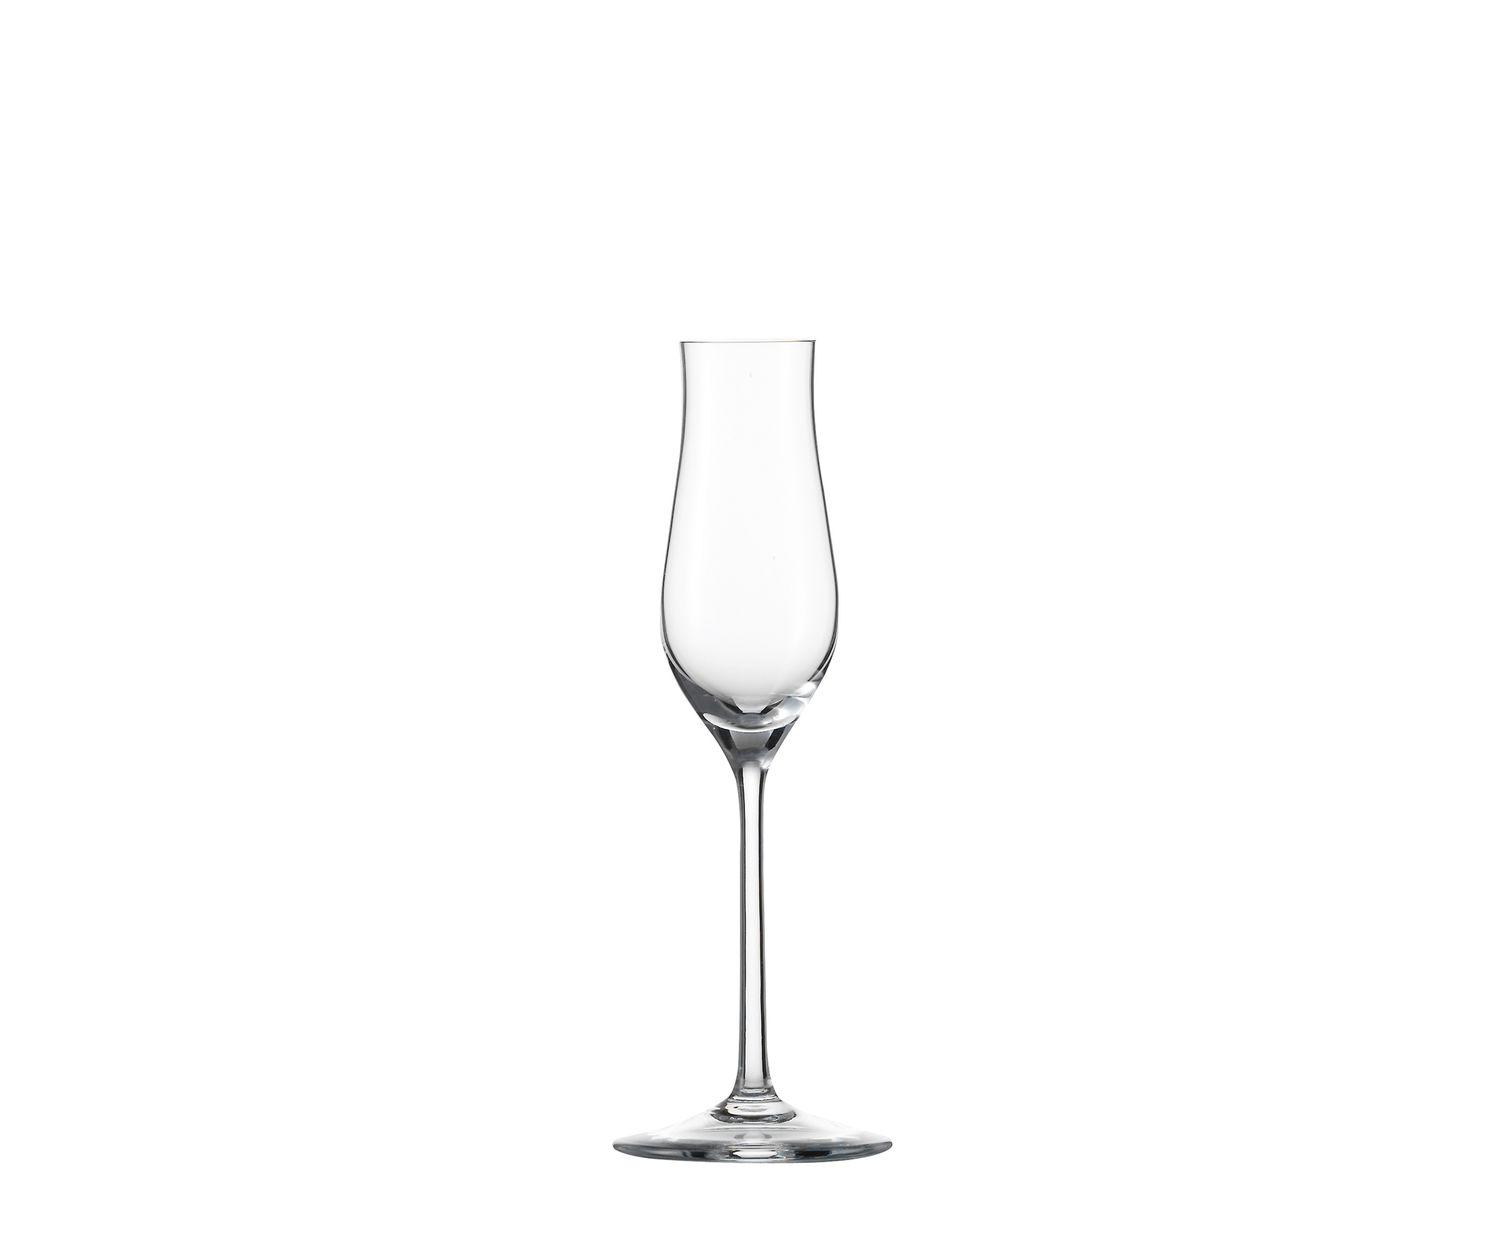 Eisch Grappa Glas Superior Sensis Plus, 2 Stk